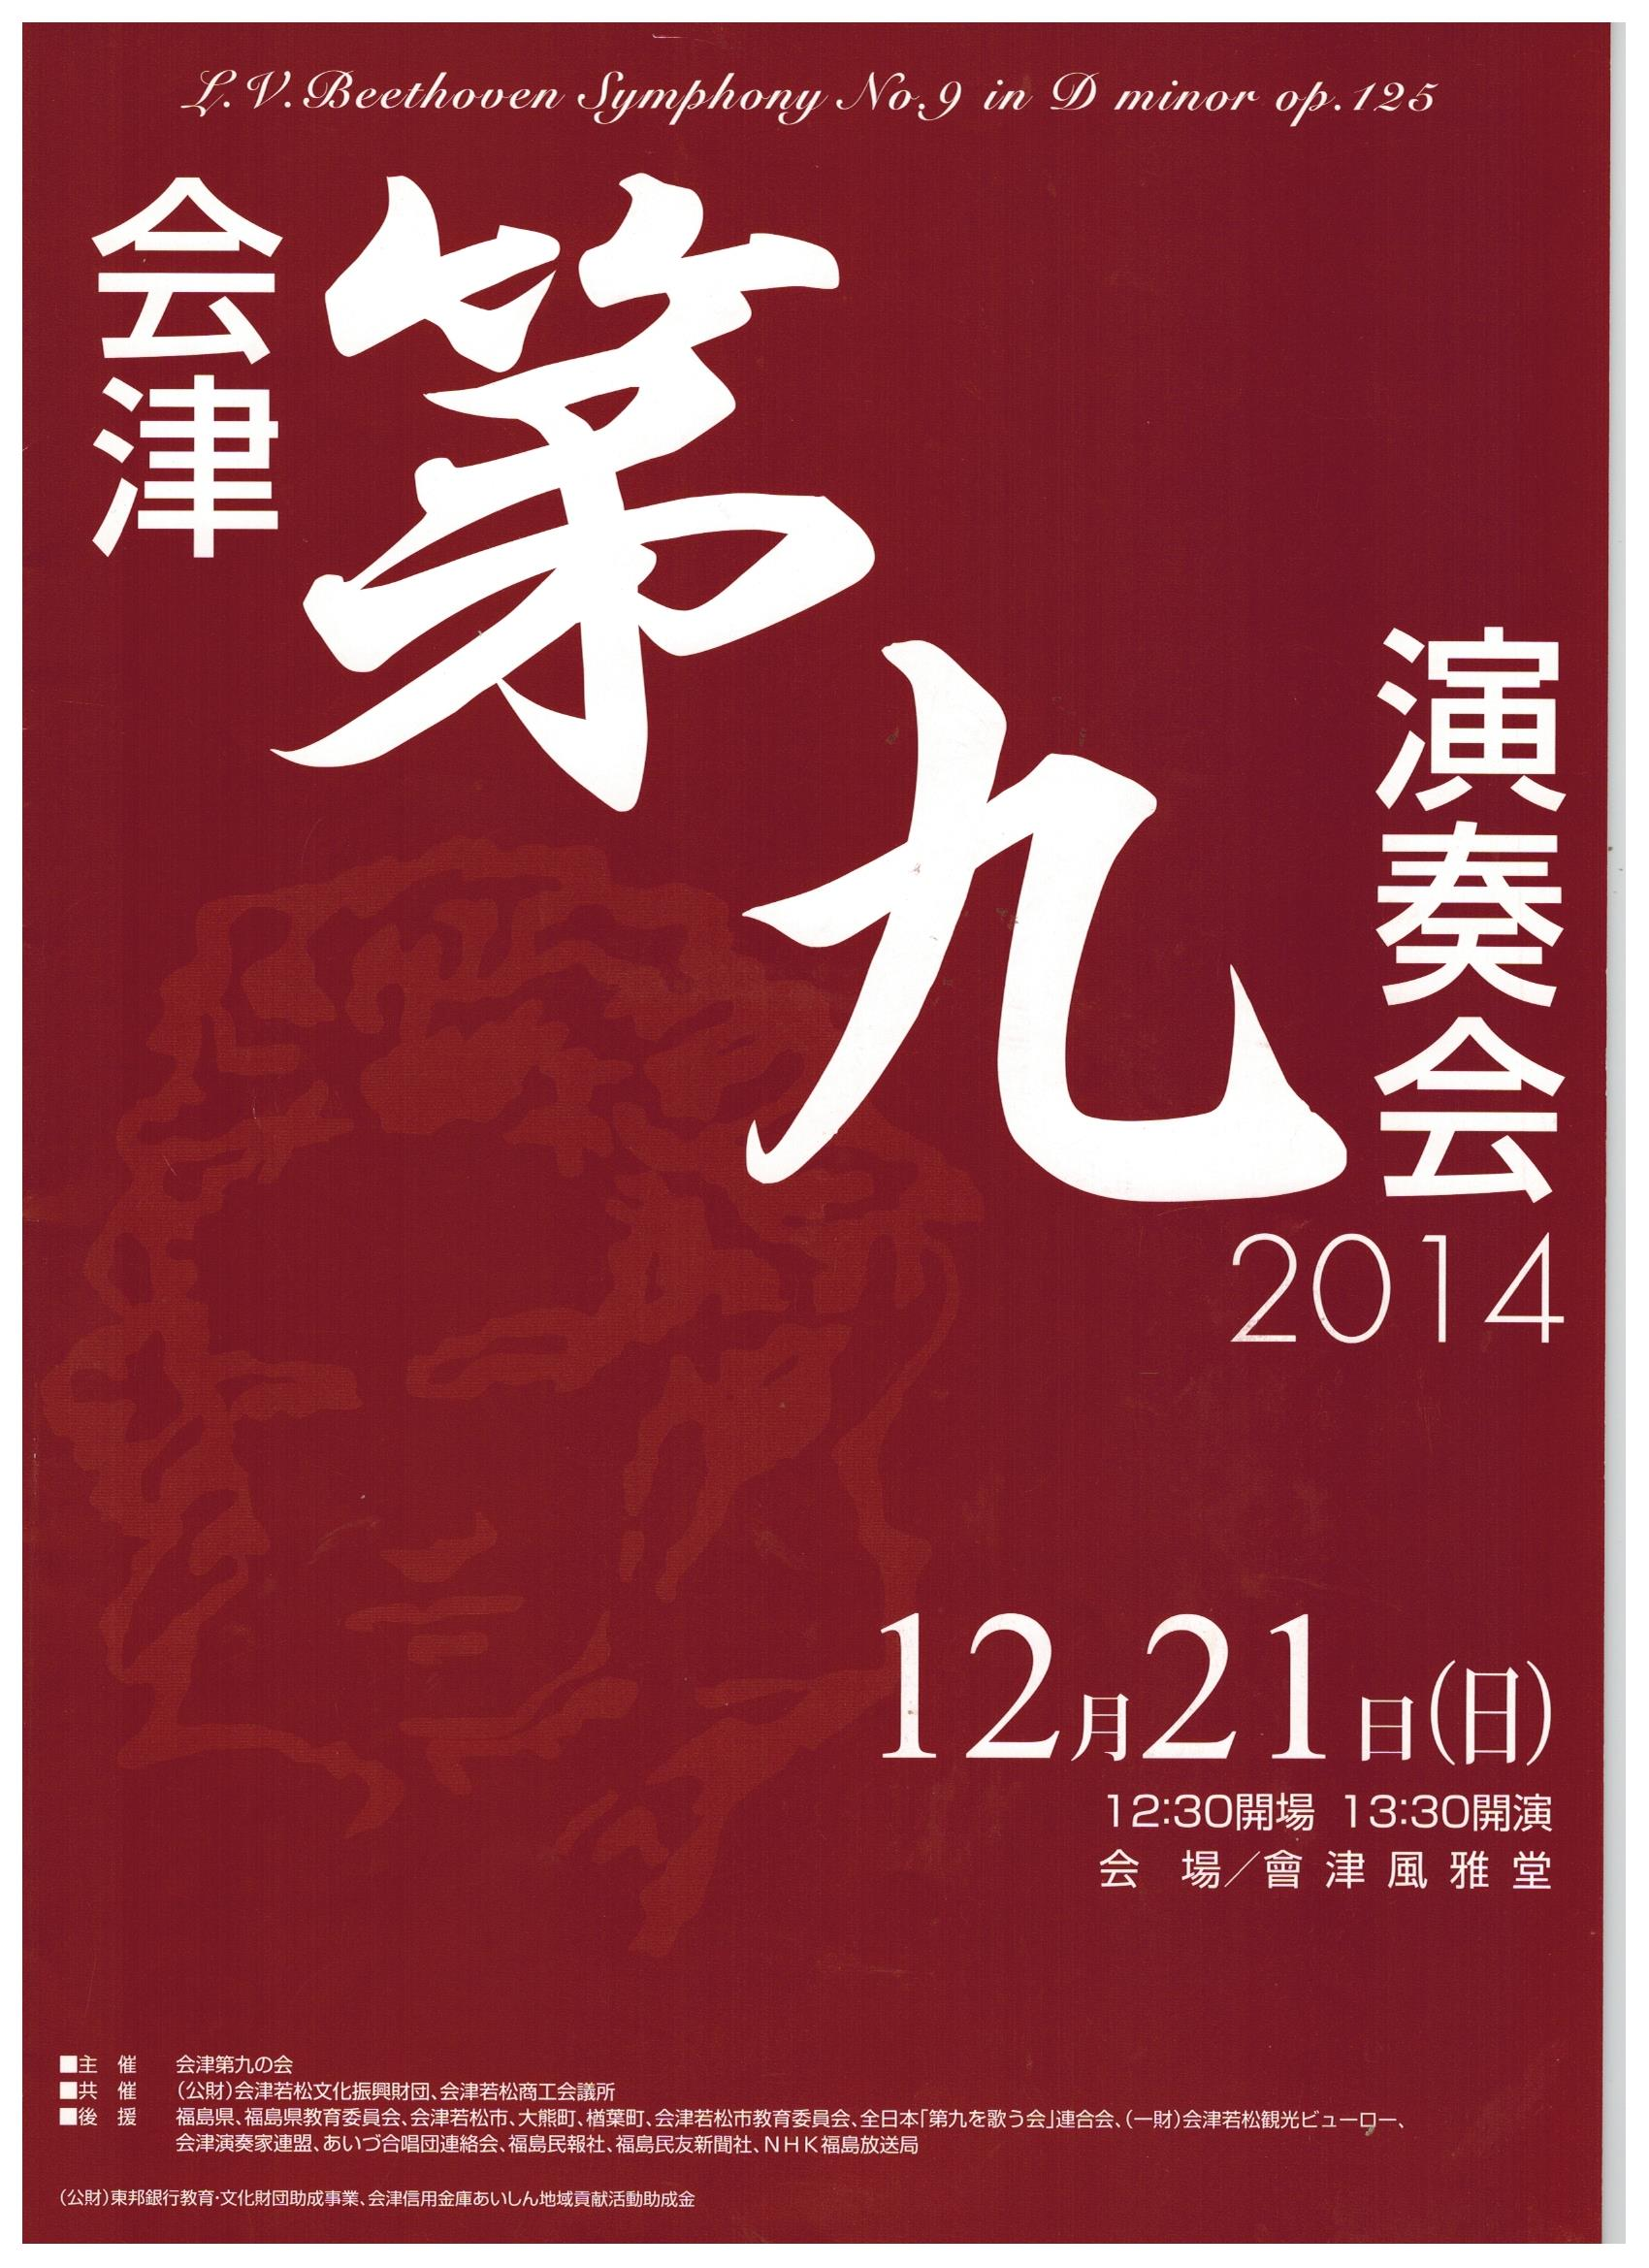 会津「第九」演奏会2014